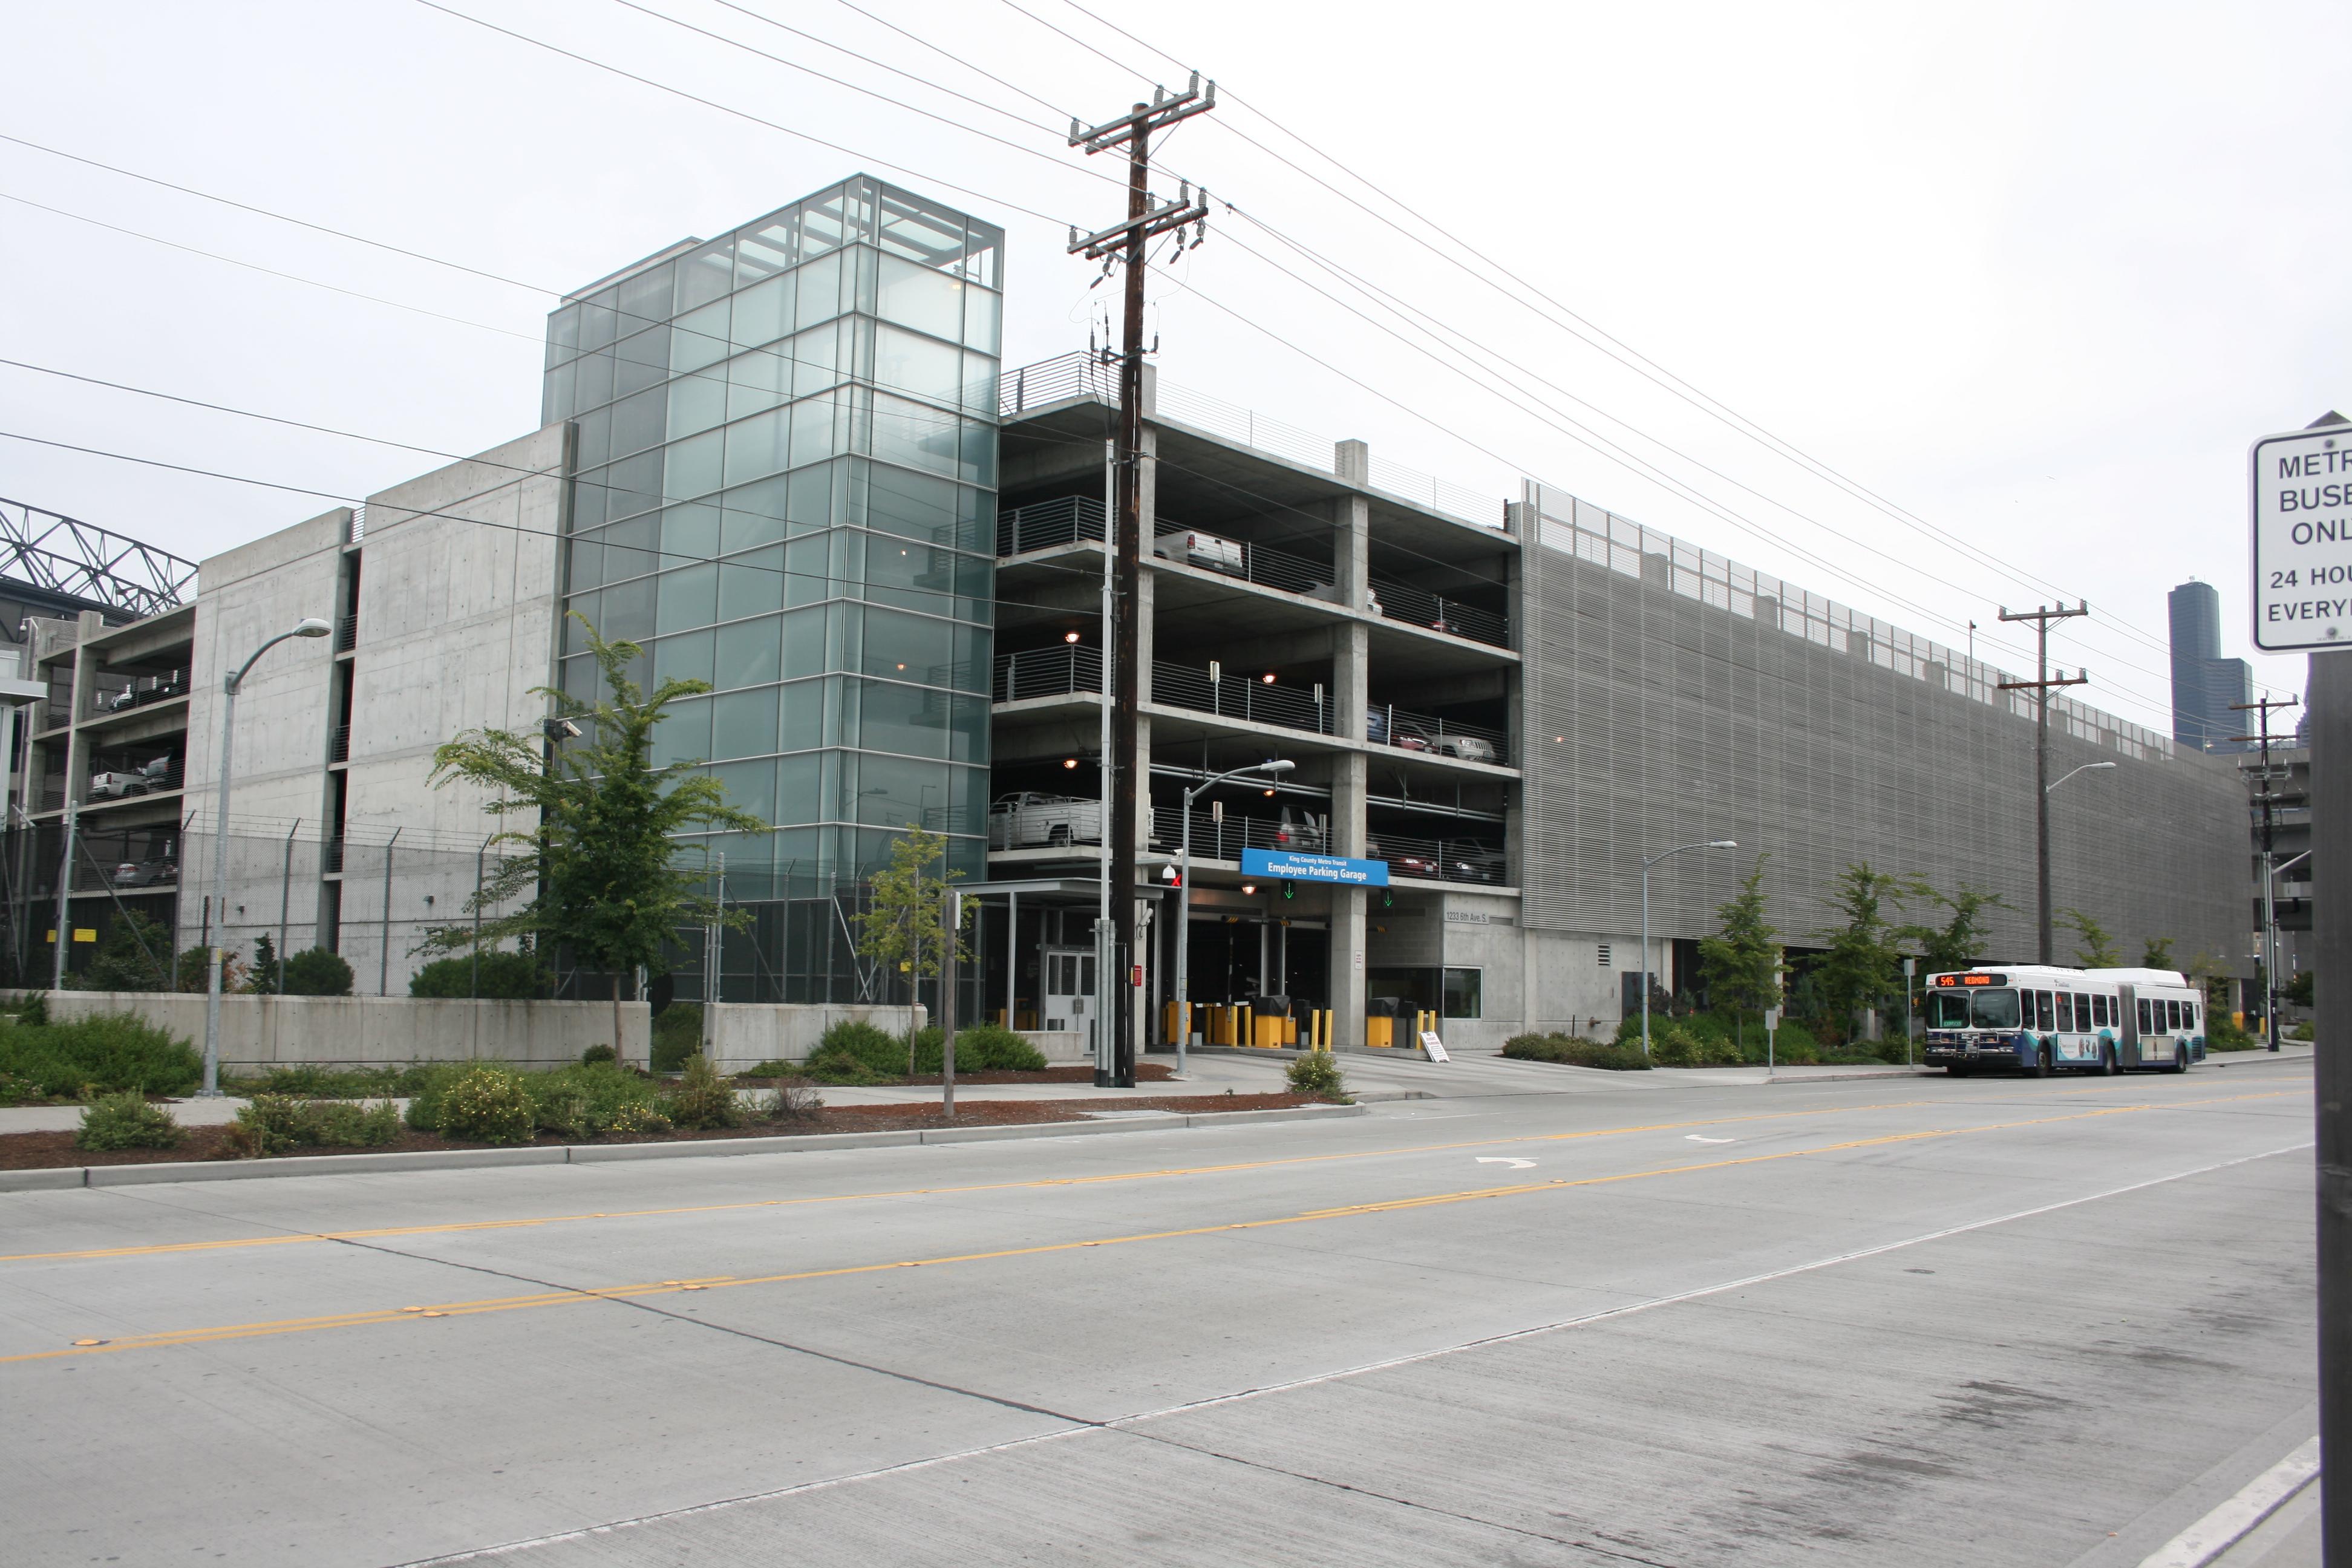 Marvelous File:King County Metro Employee Parking Garage